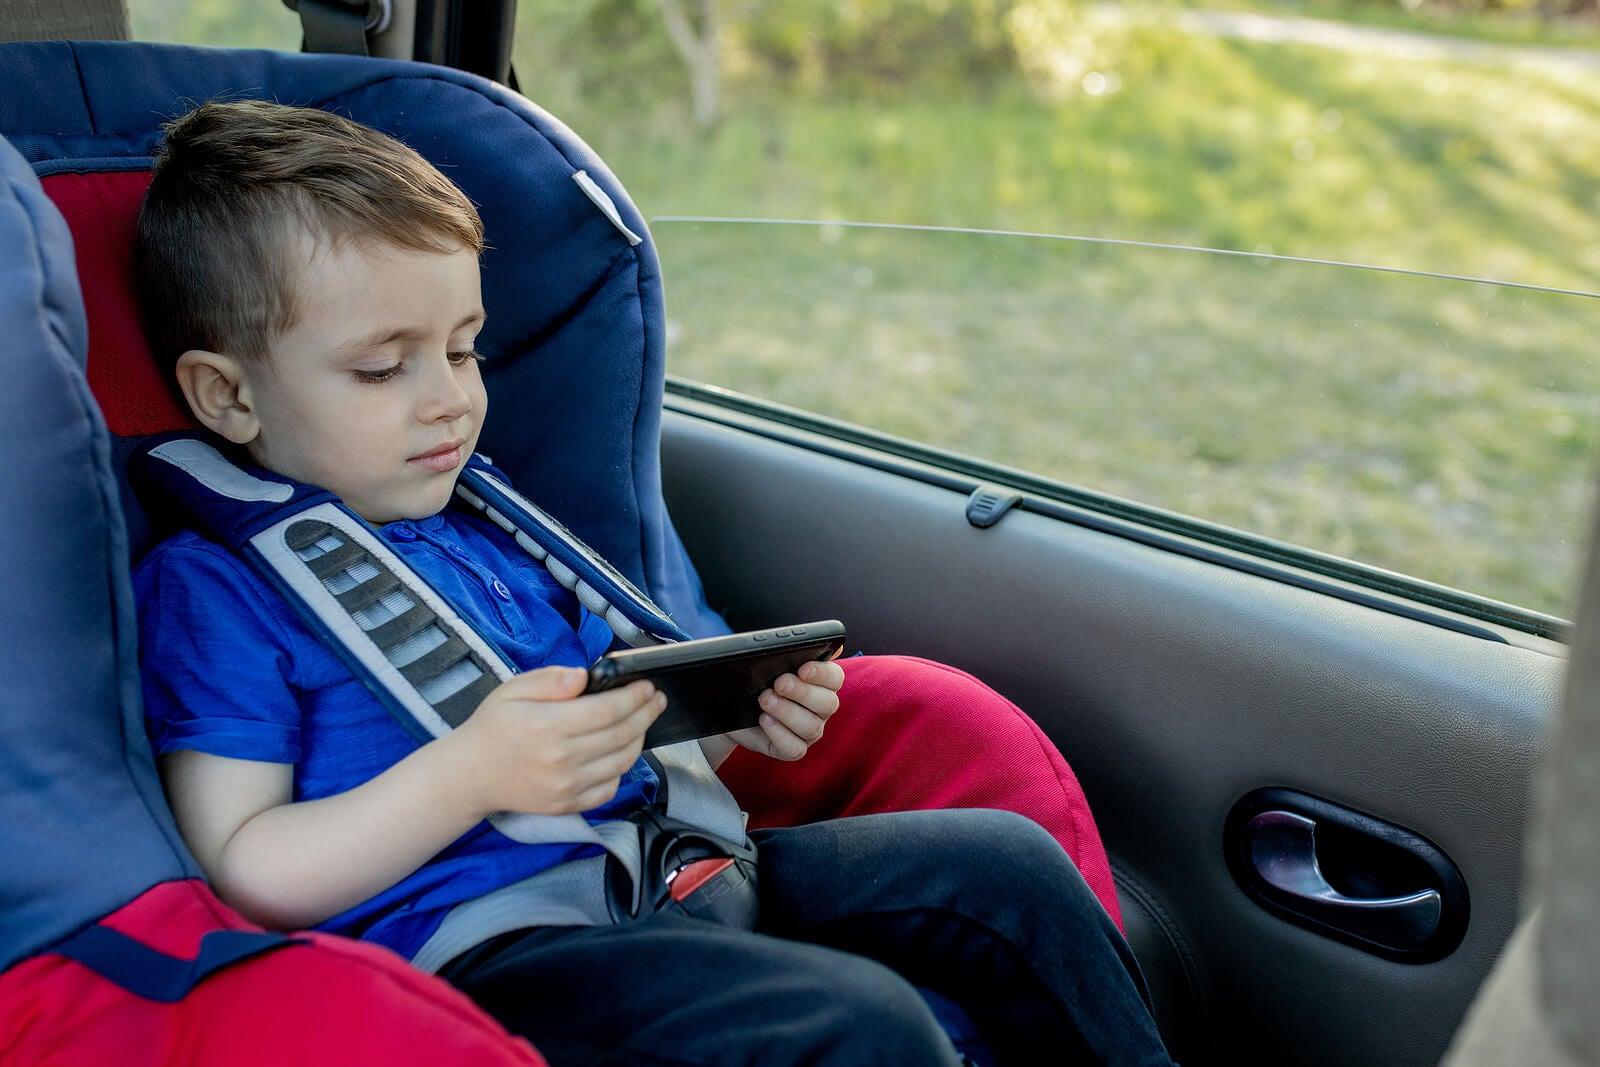 Niño viendo una película en la tablet, una de las actividades para realizar durante viajes largos en coche.